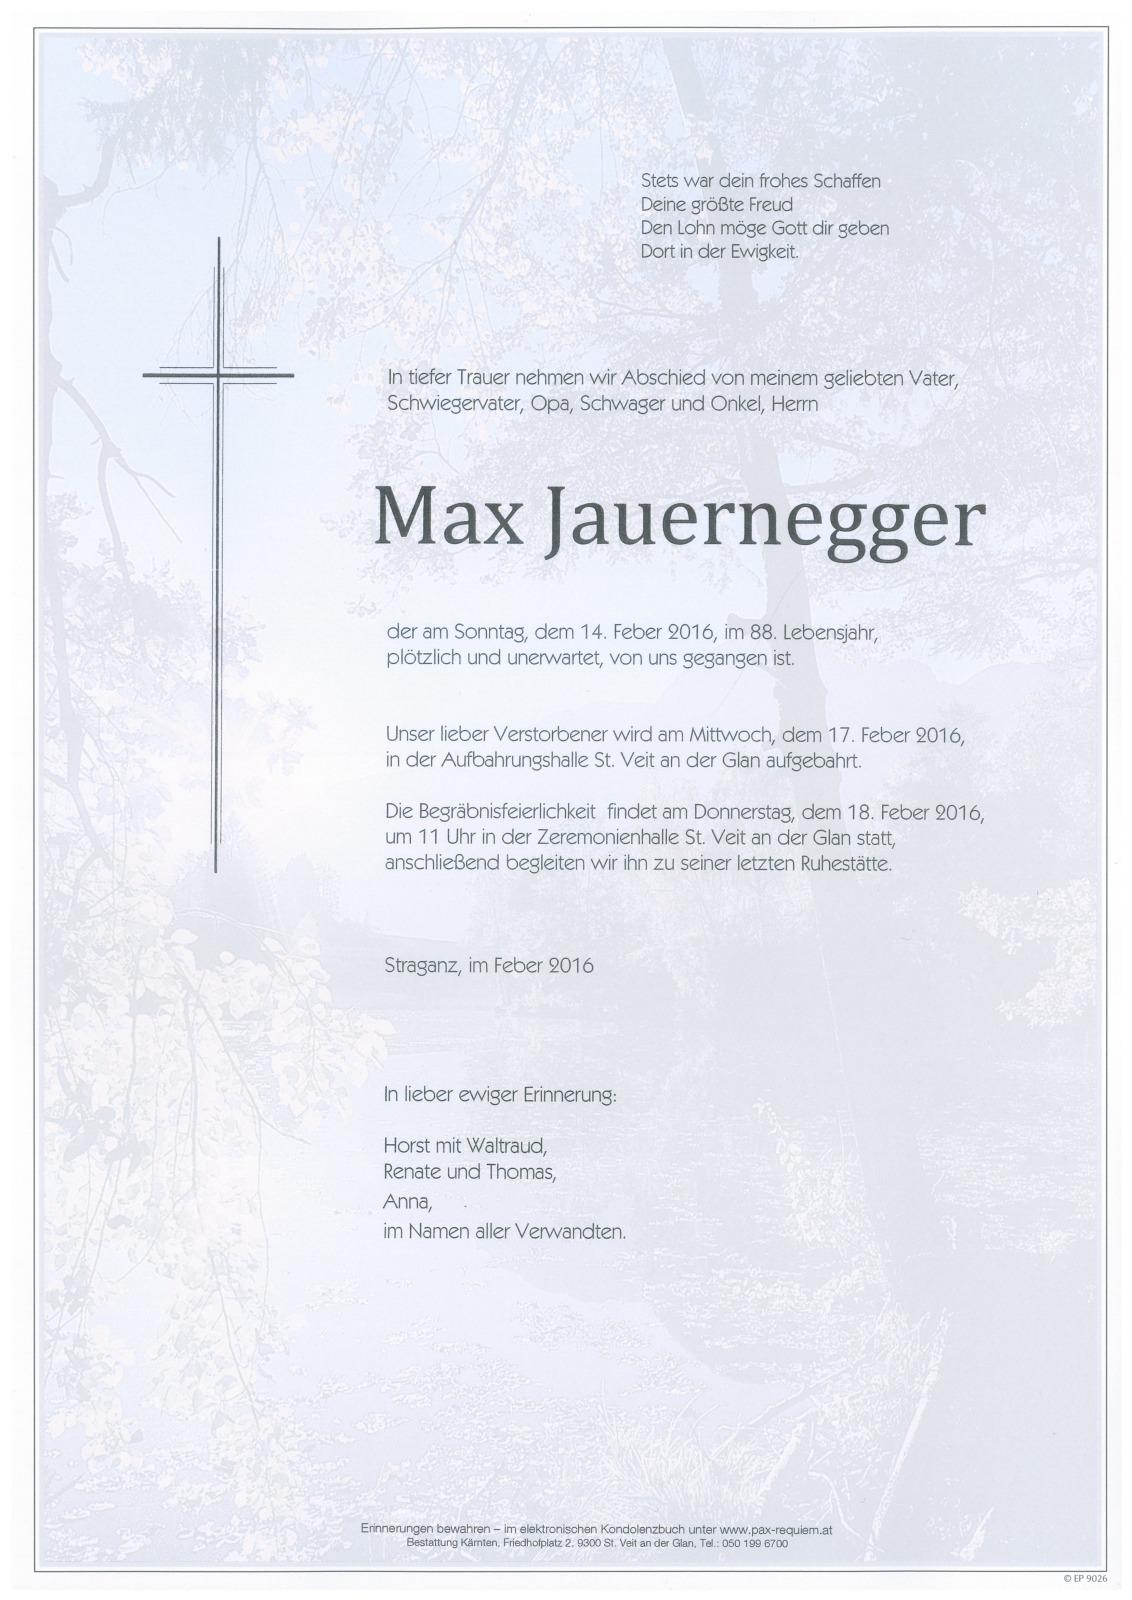 Wolfgang Hohensee - Großer Chor Des Berliner Rundfunks - Der Schäfer Vom Hohen Venn